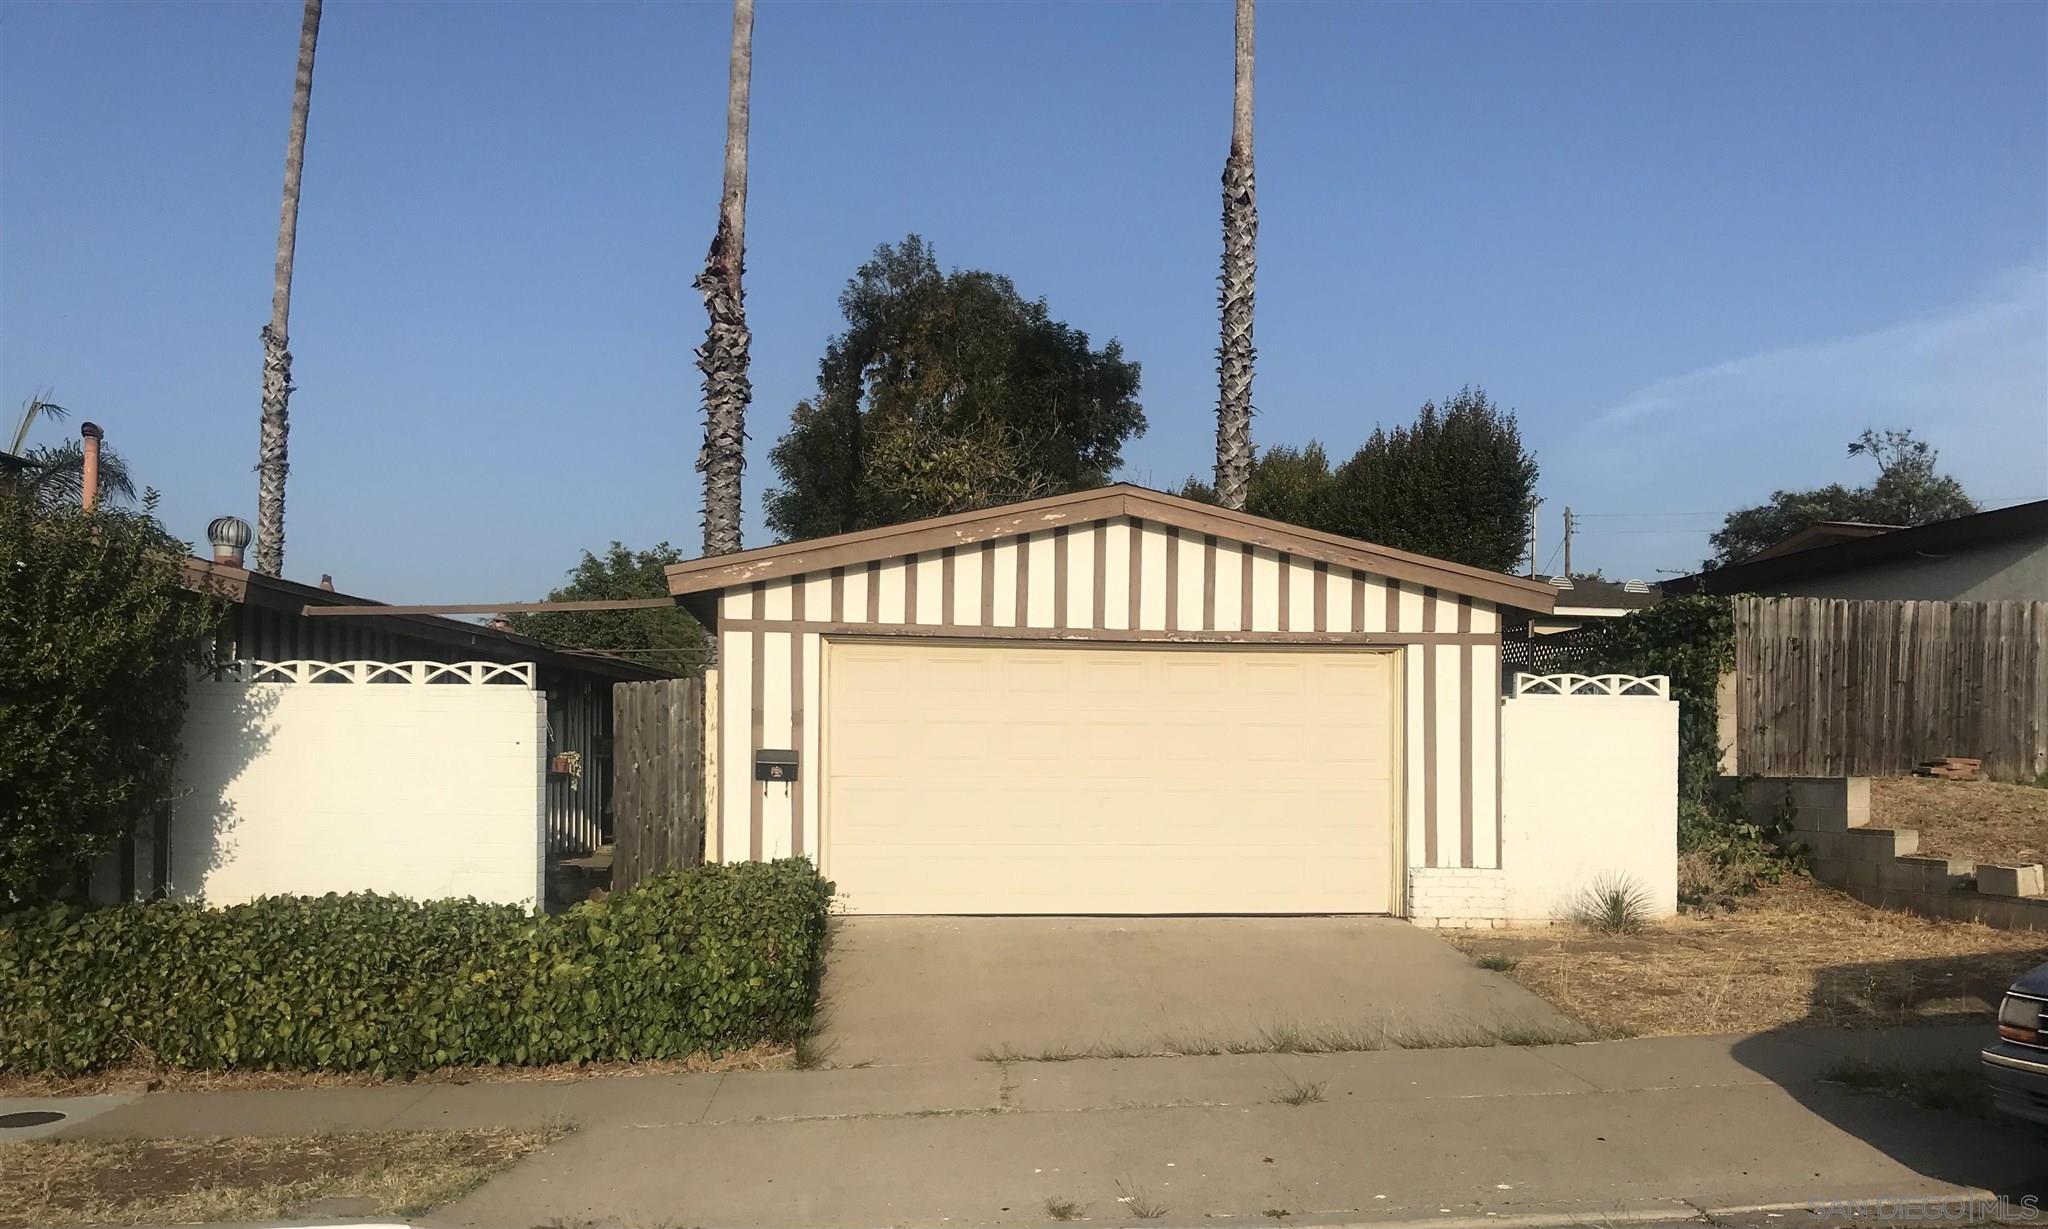 2963 Chauncey Dr, San Diego, CA 92123